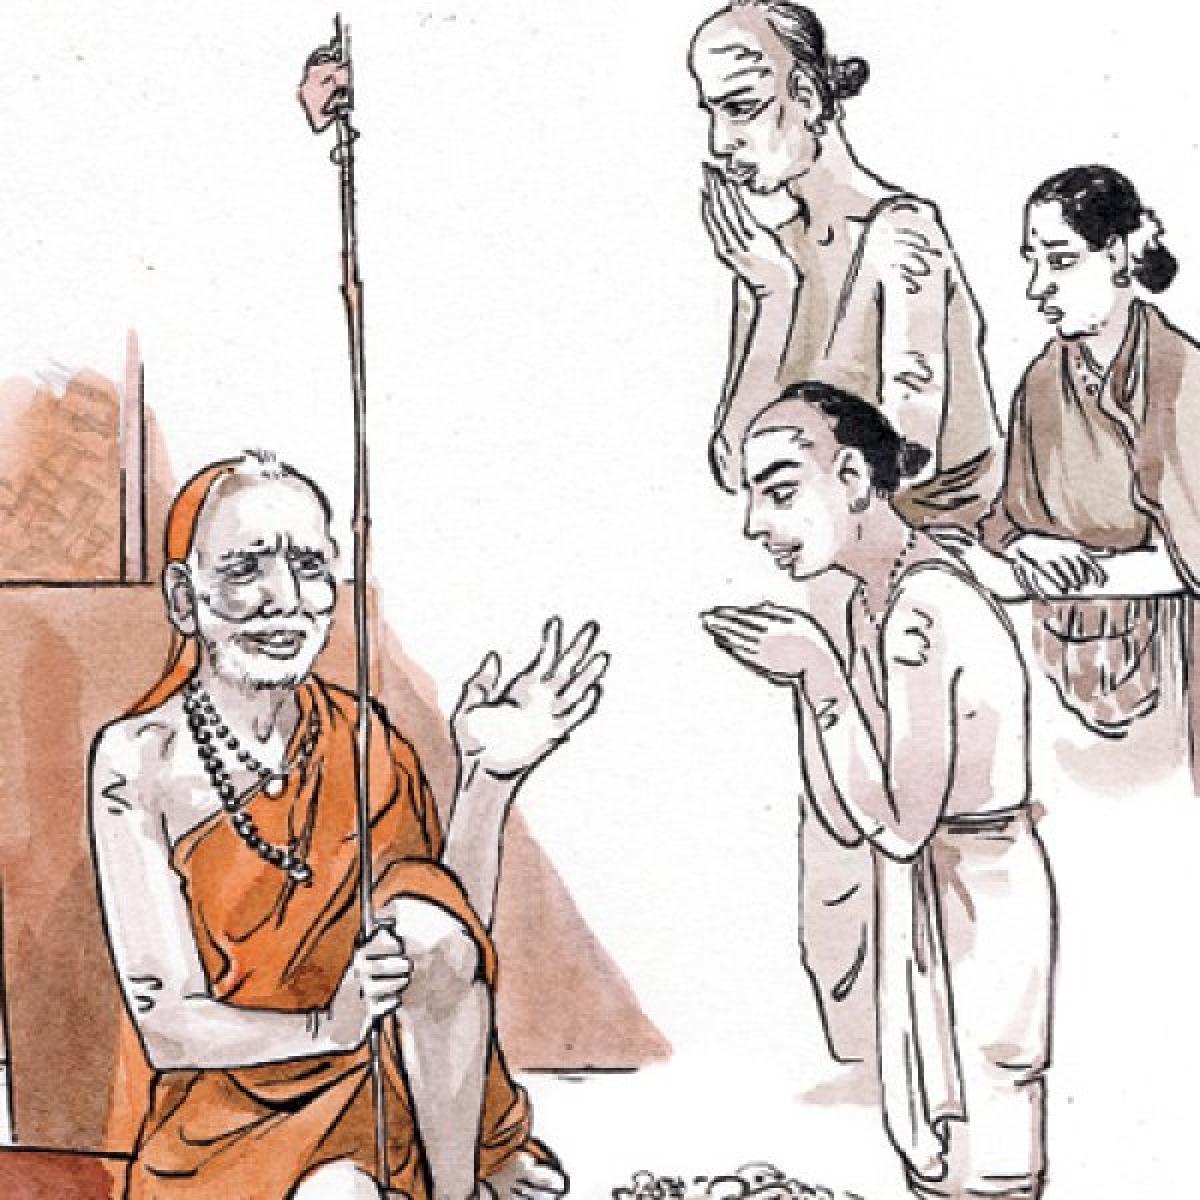 மகா பெரியவா - 23: 'லோகத்துக்காகப் பாடு!'